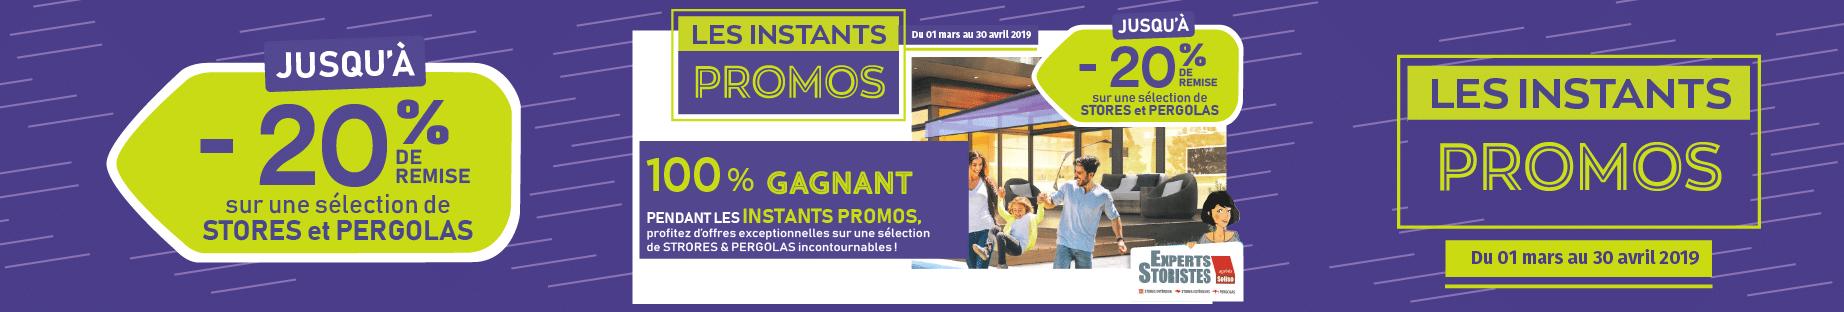 instants-promo